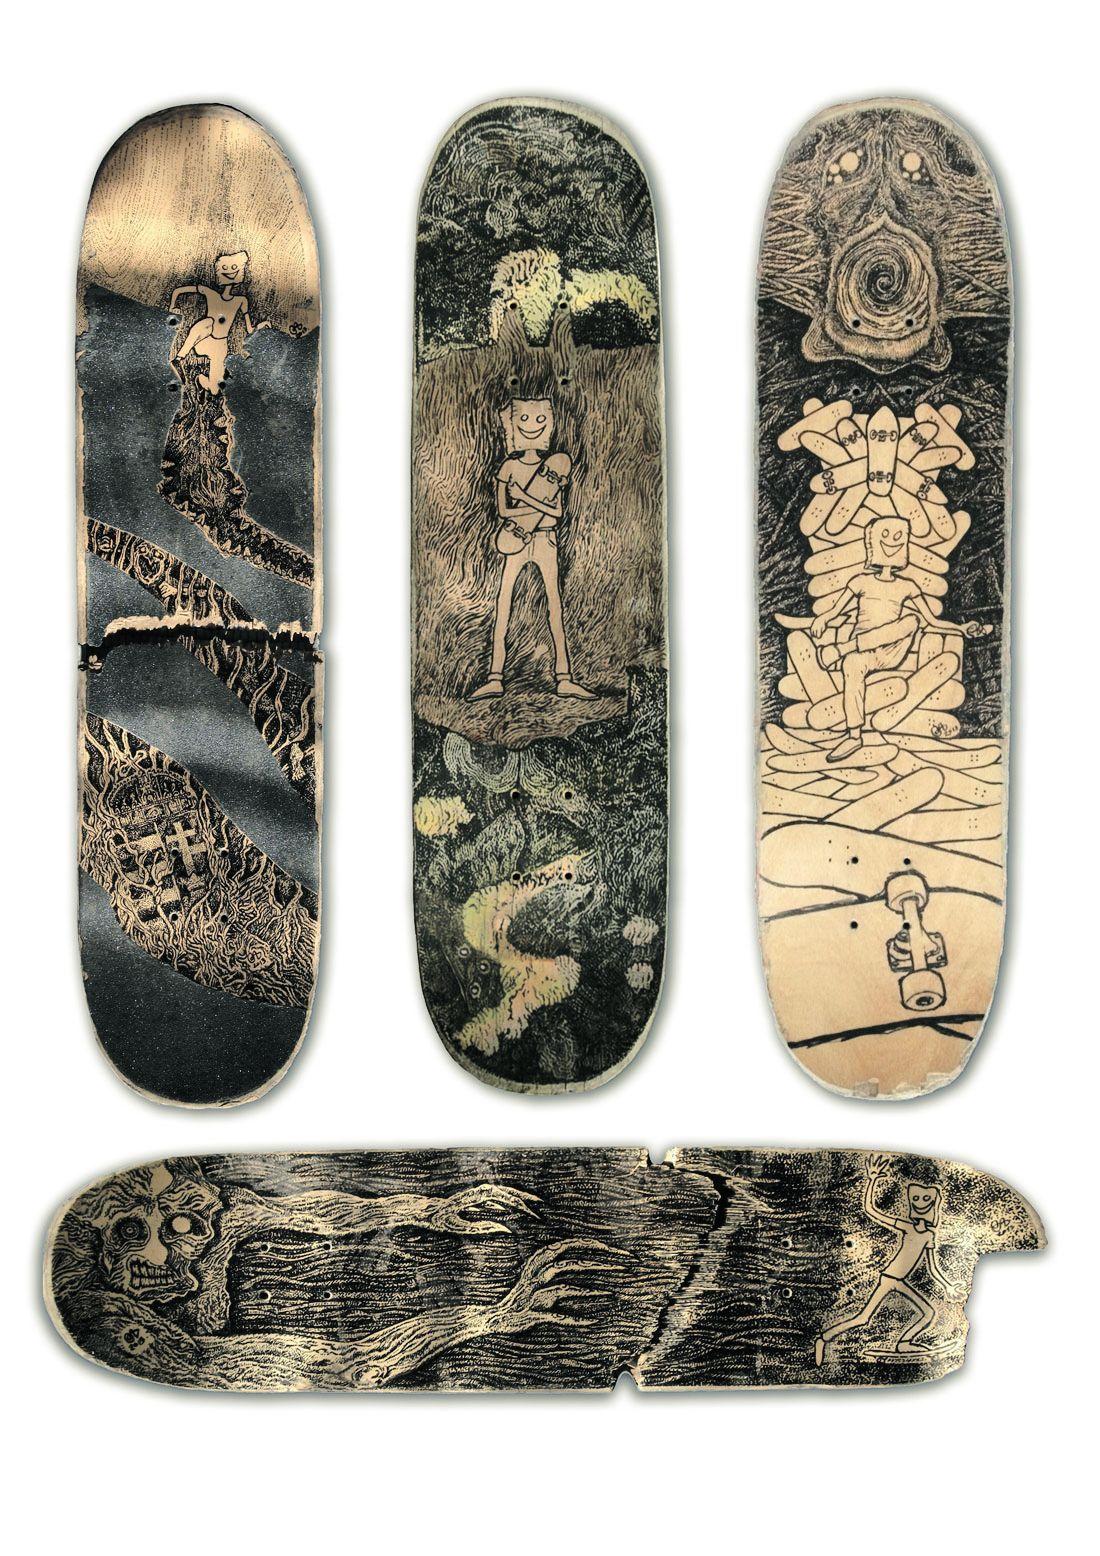 Mythology Of Self Custom Boards By Jager Attila 7